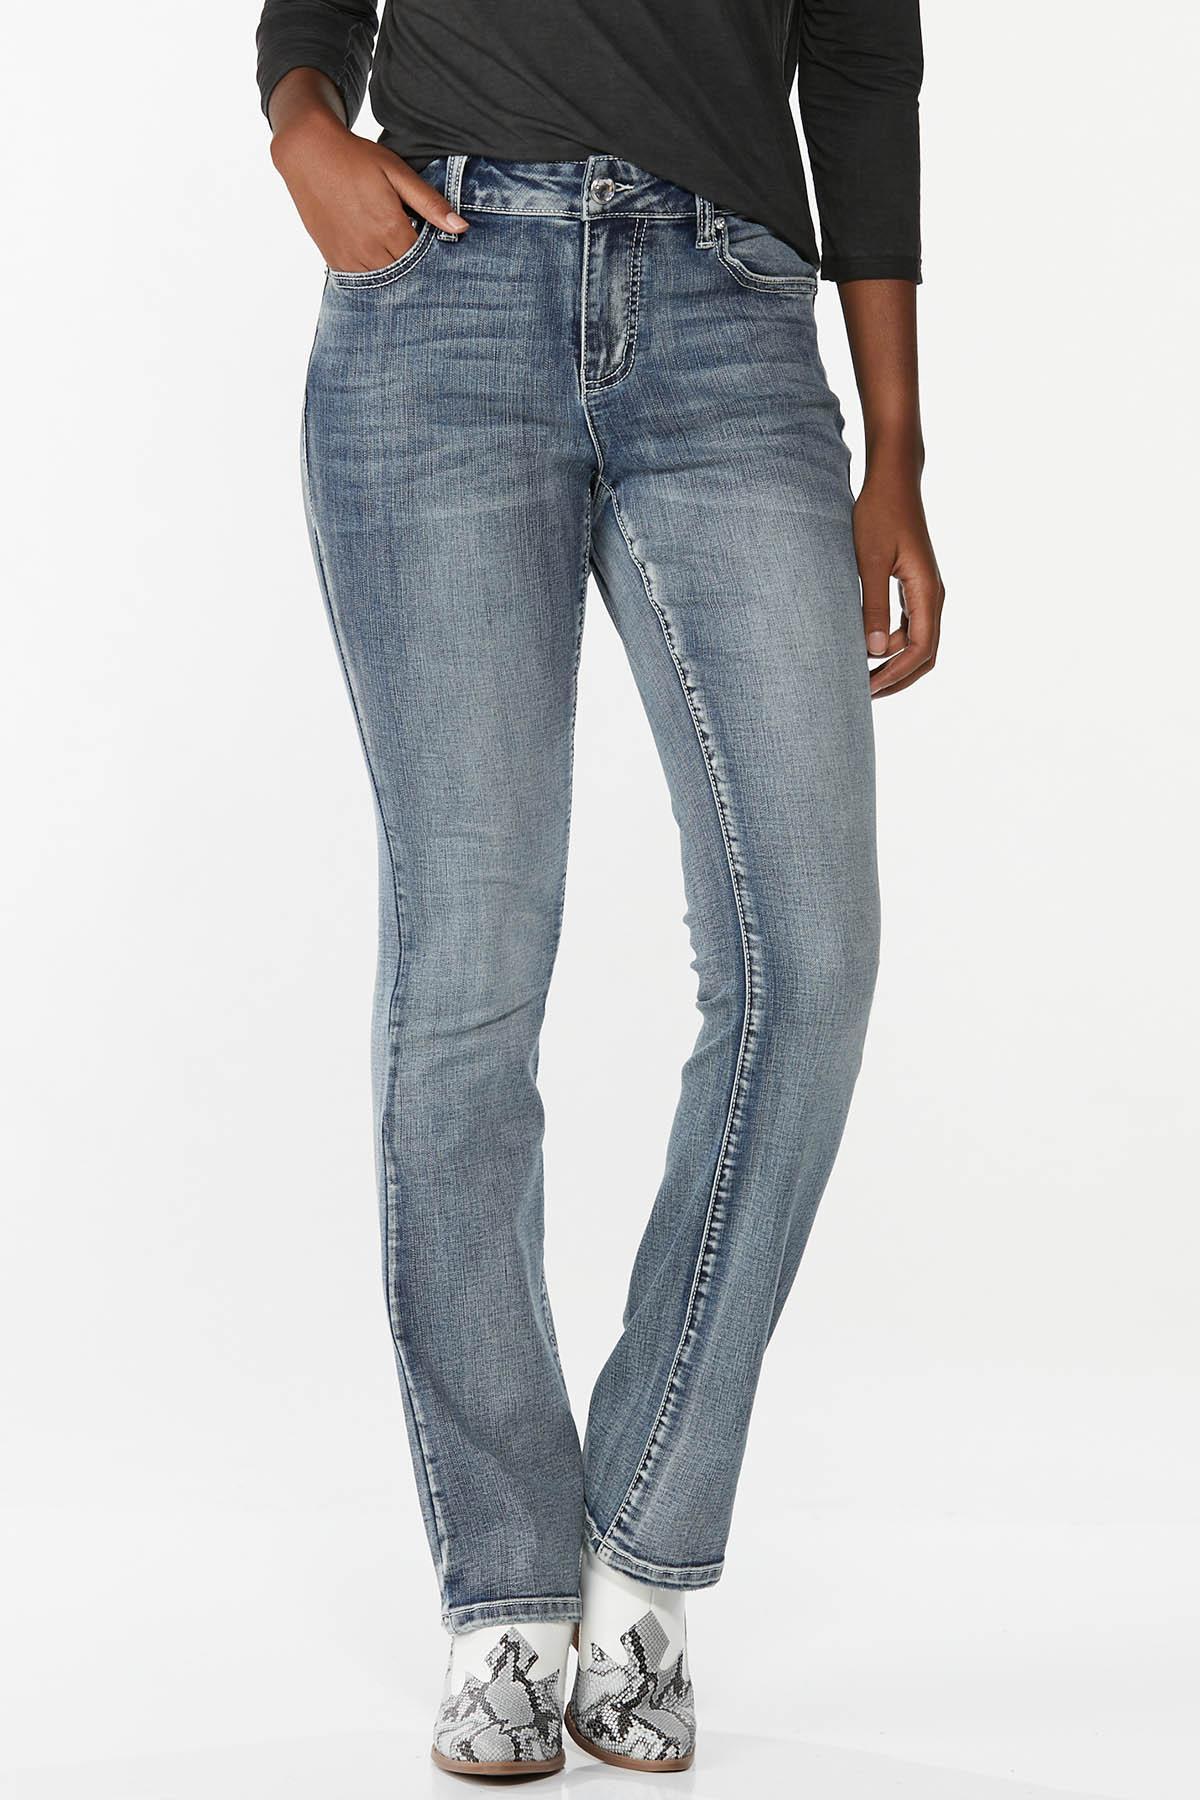 Embellished Curvy Jeans (Item #44726382)